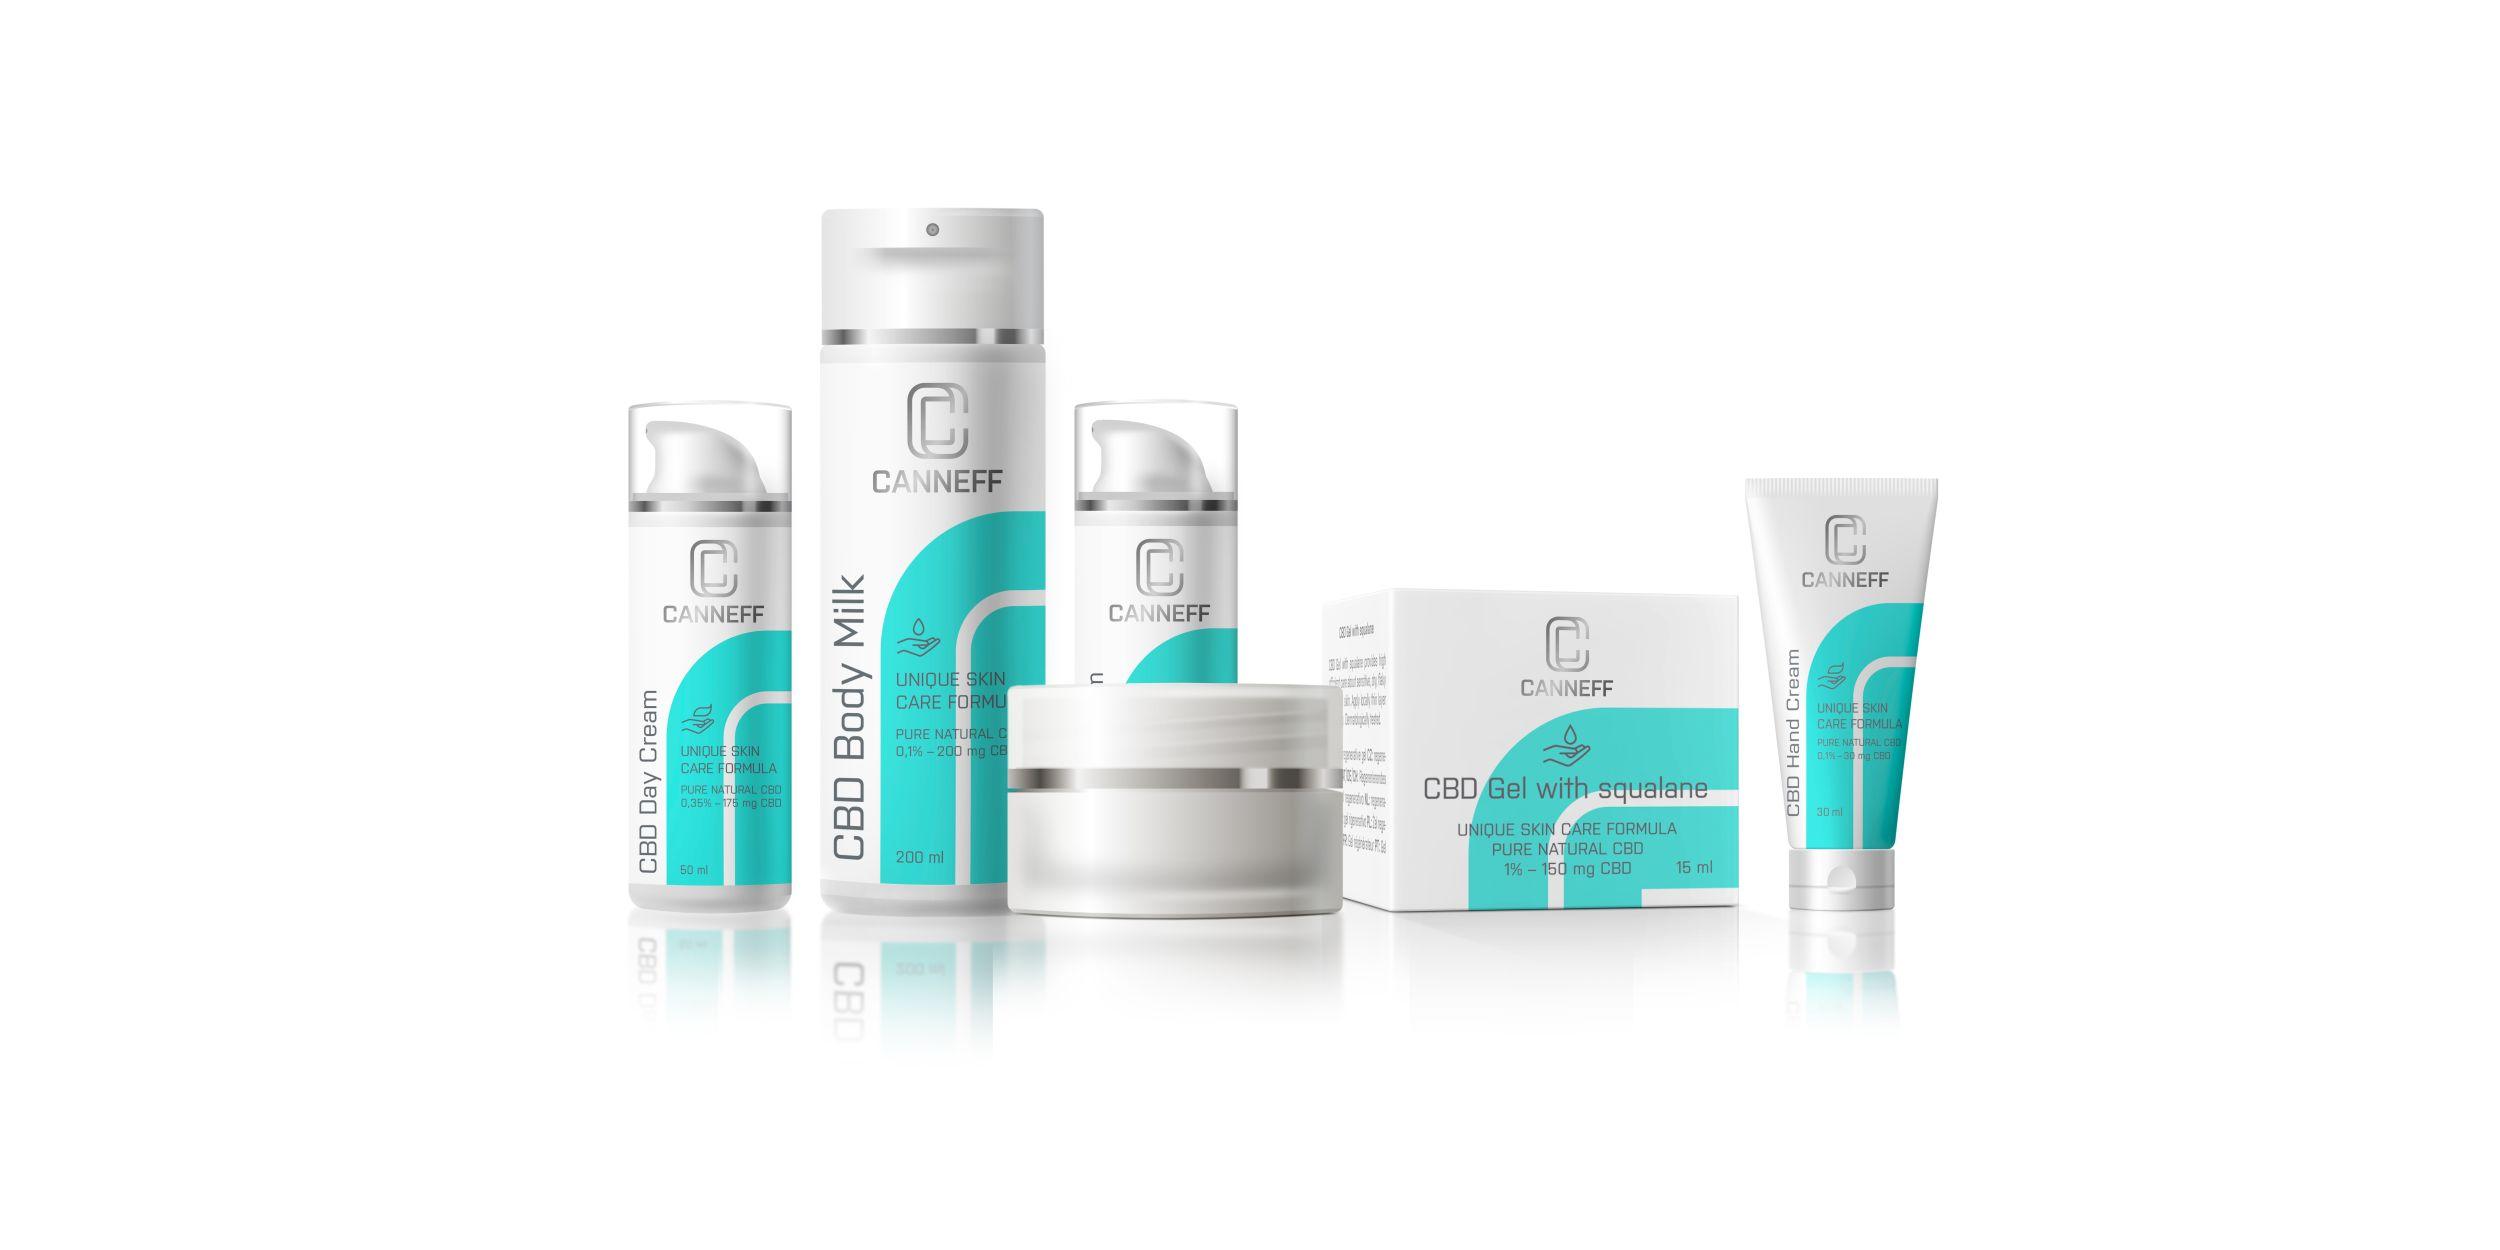 Soutěž o balíček kosmetiky Canneff - bit.ly/31yMZ5r